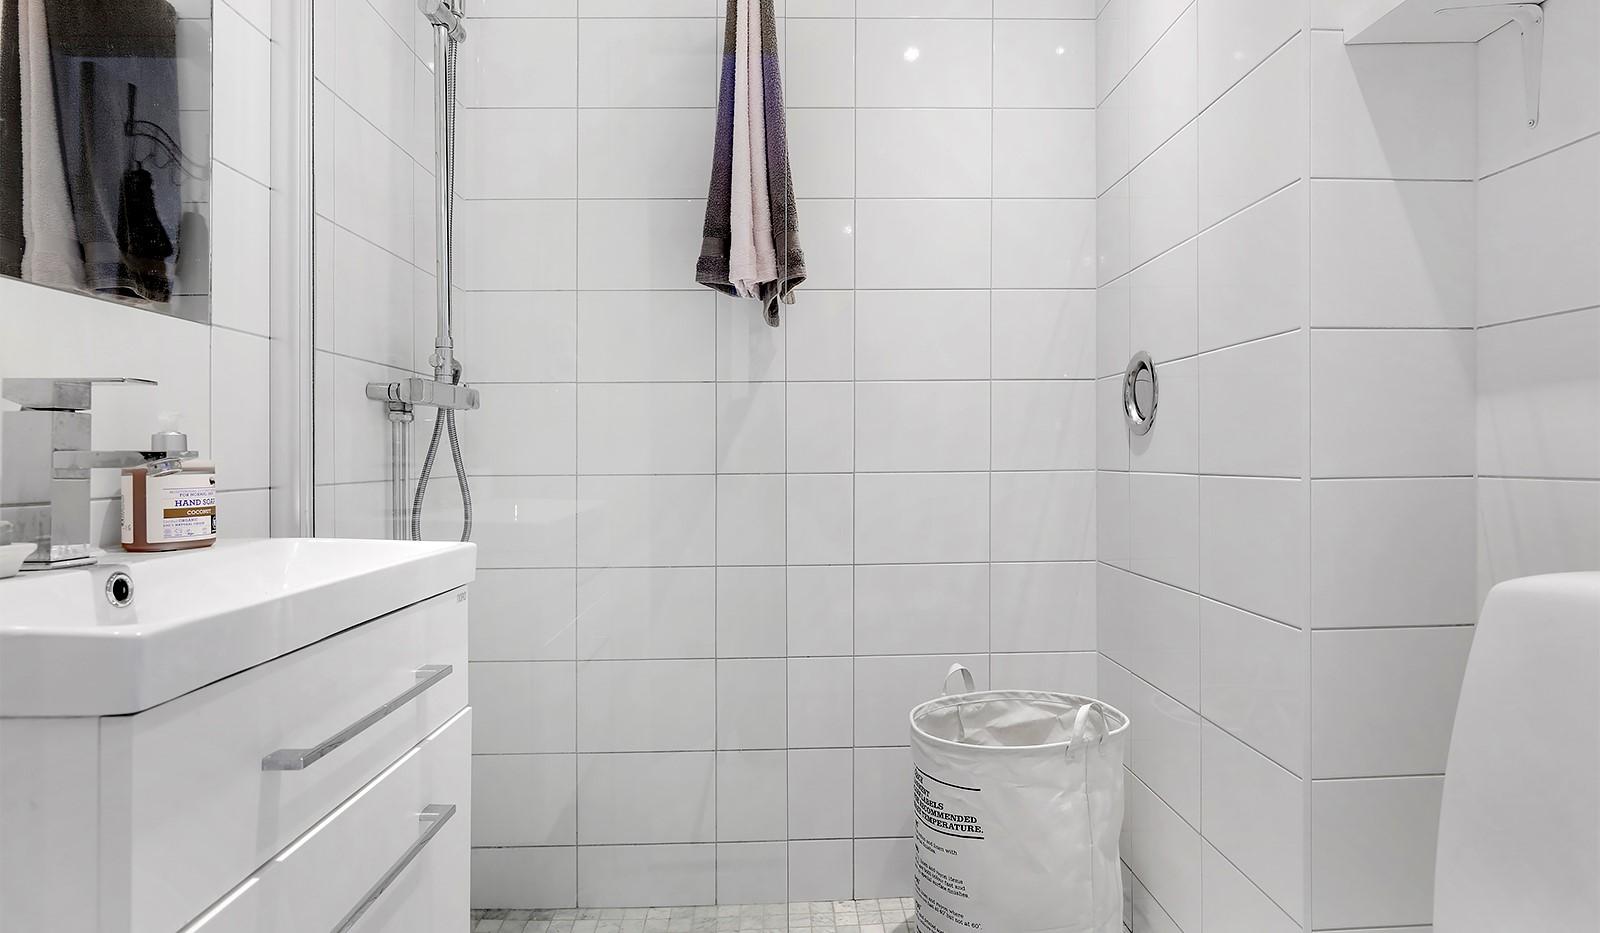 Råggatan 8, 1,5 tr - Från hallen nås det renoverade badrummet som är inrett i ljus färgskala